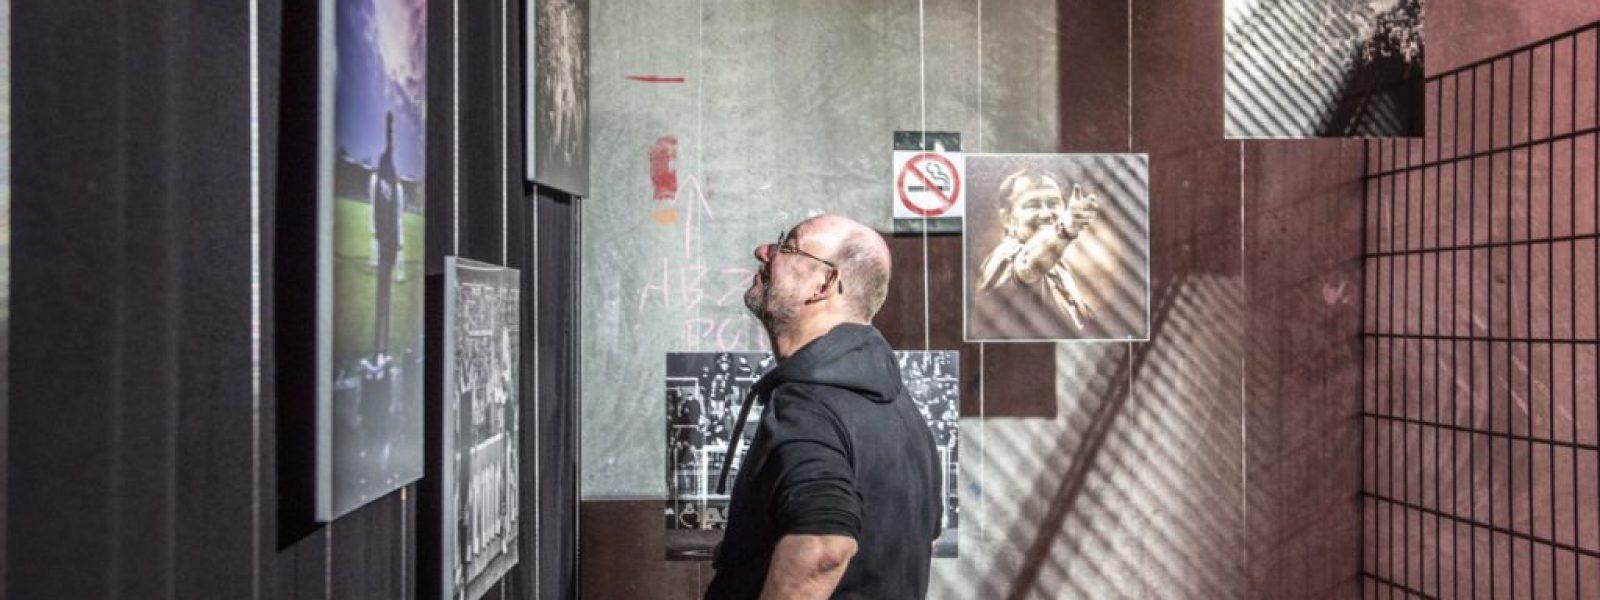 Vernissage Thorsten Baering (Foto Sabrina Adeline Nagel) - 25